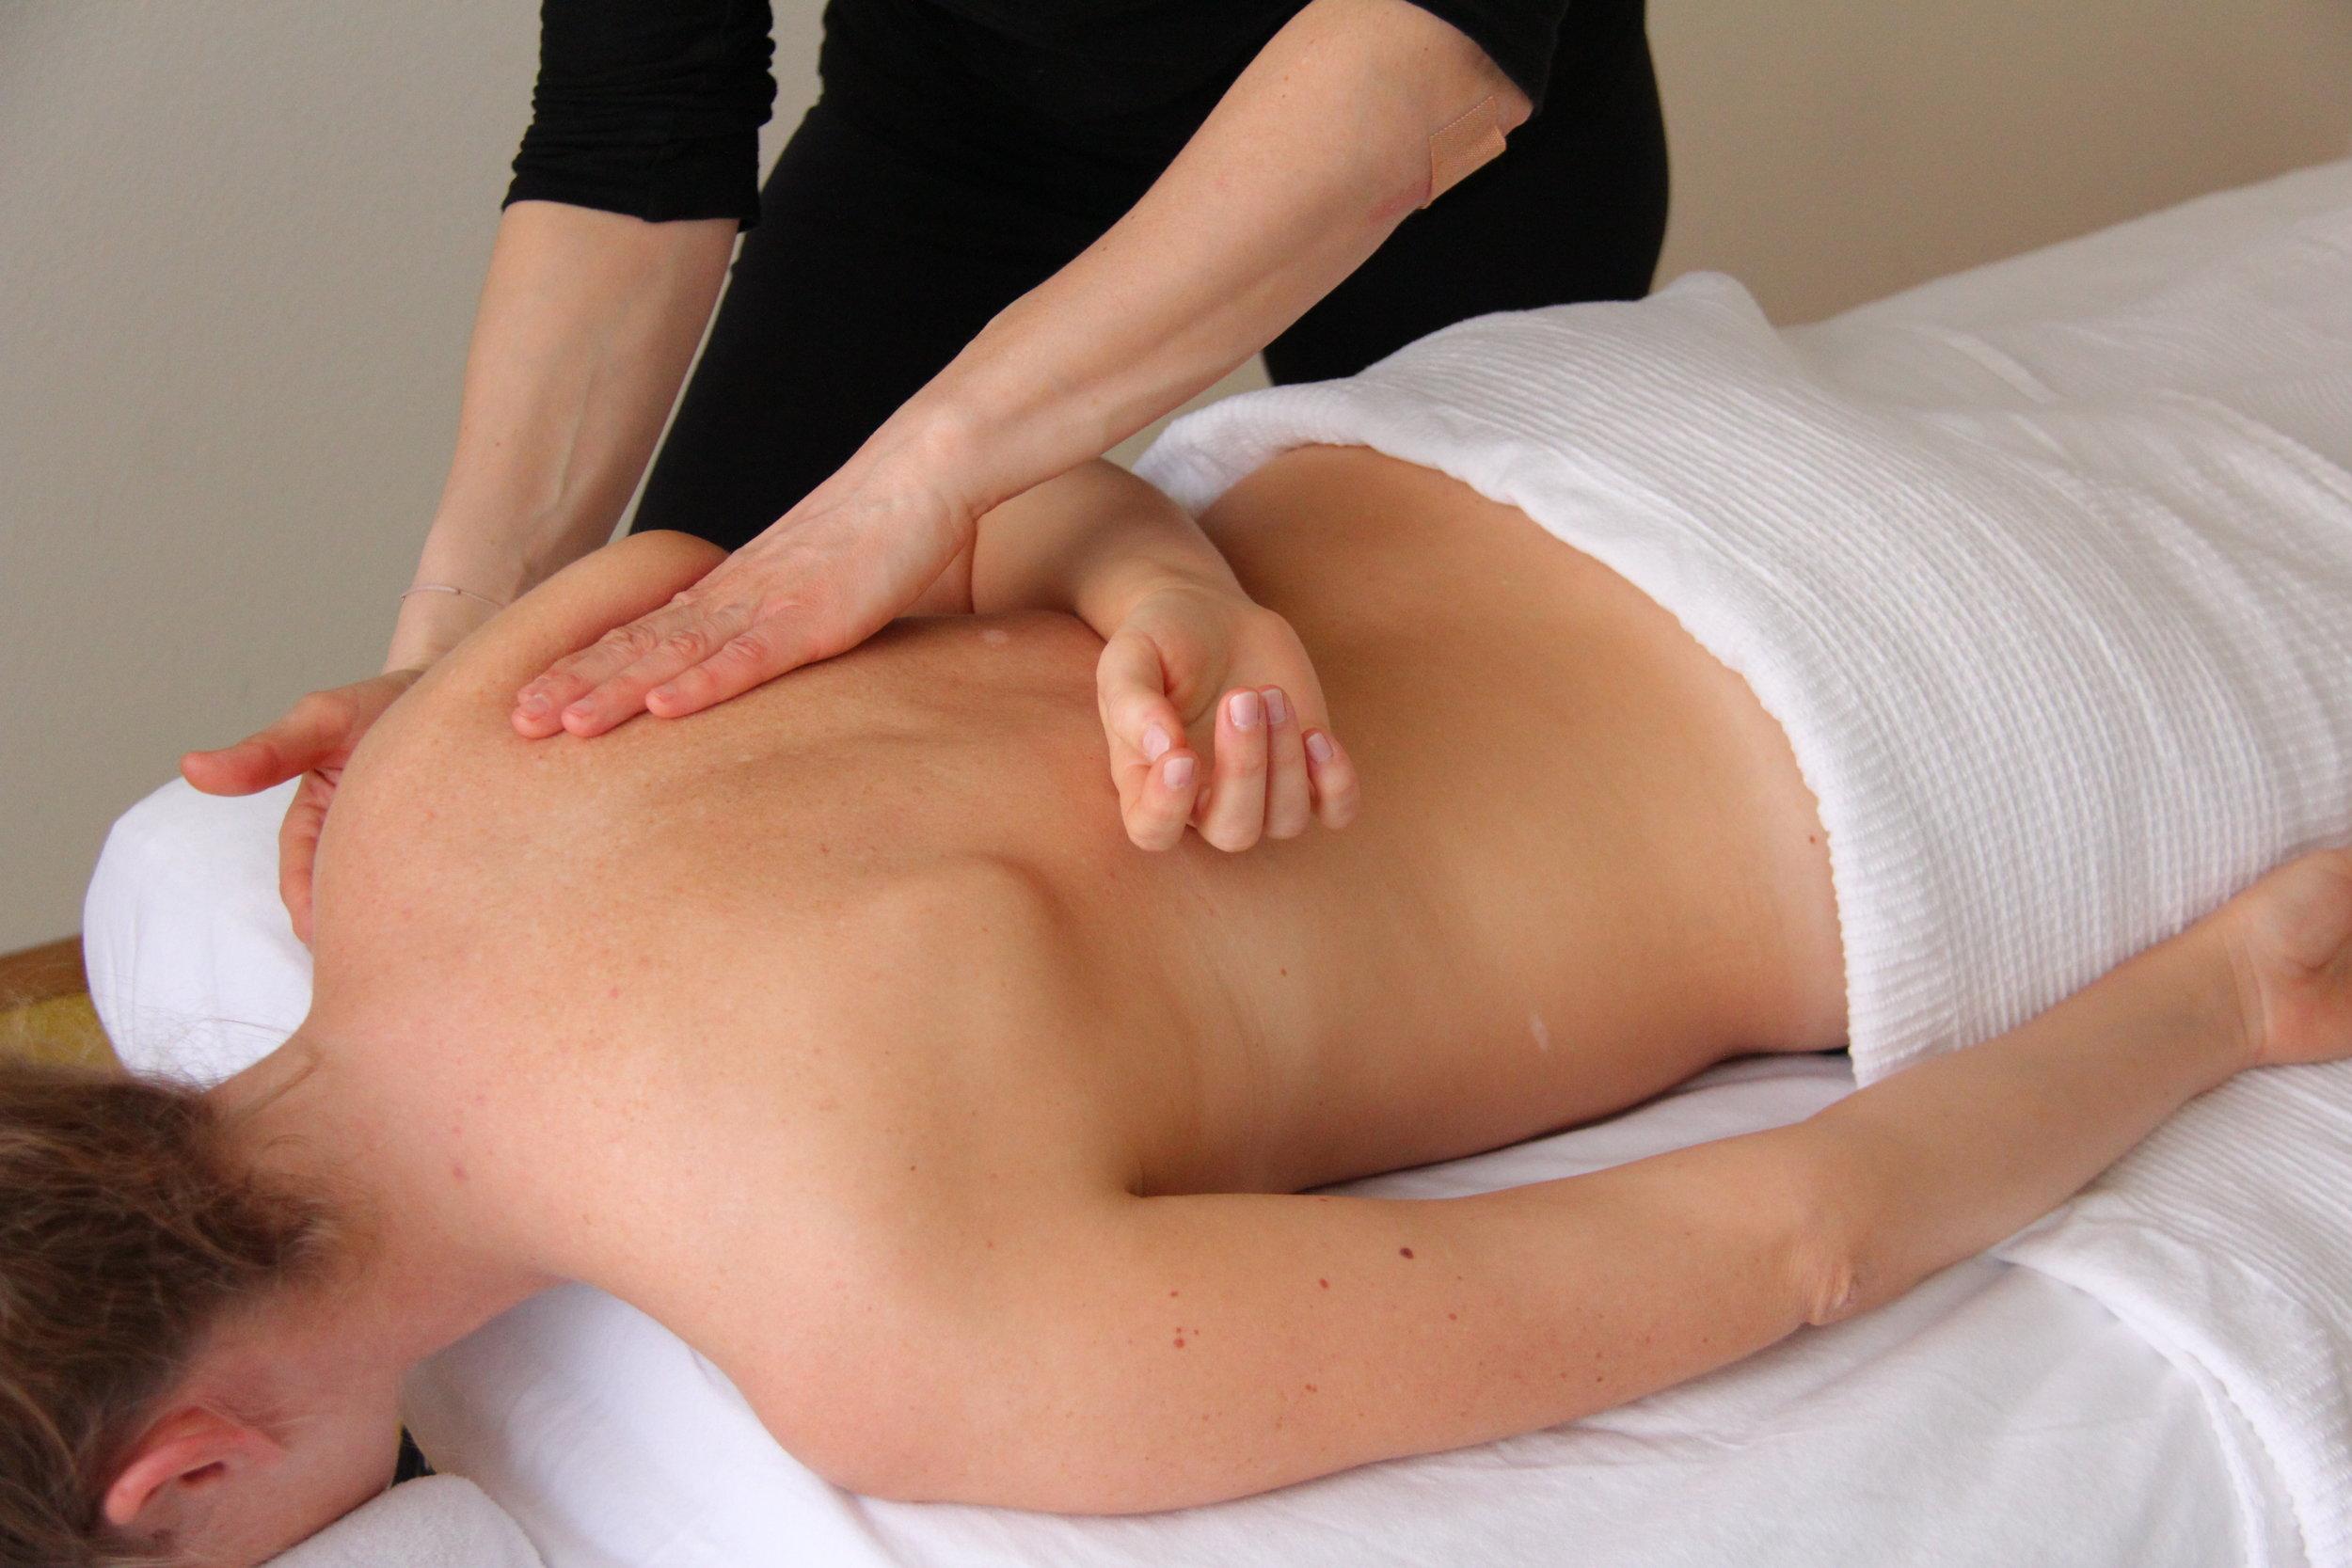 THERAPEUTISCHE MASSAGE - Eine Therapeutische oder Tiefenmuskulatur Massage lockert die verhärteten Muskeln, fördert die Durchblutung, regt den Stoffwechsel an, mildert den Schmerz, löst Verklebungen zwischen den Gewebeschichten, aktiviert die Selbstheilungskräfte, entstaut Ödeme, und macht glücklich.Therapeut: Marlene Torrent, Email Marlene